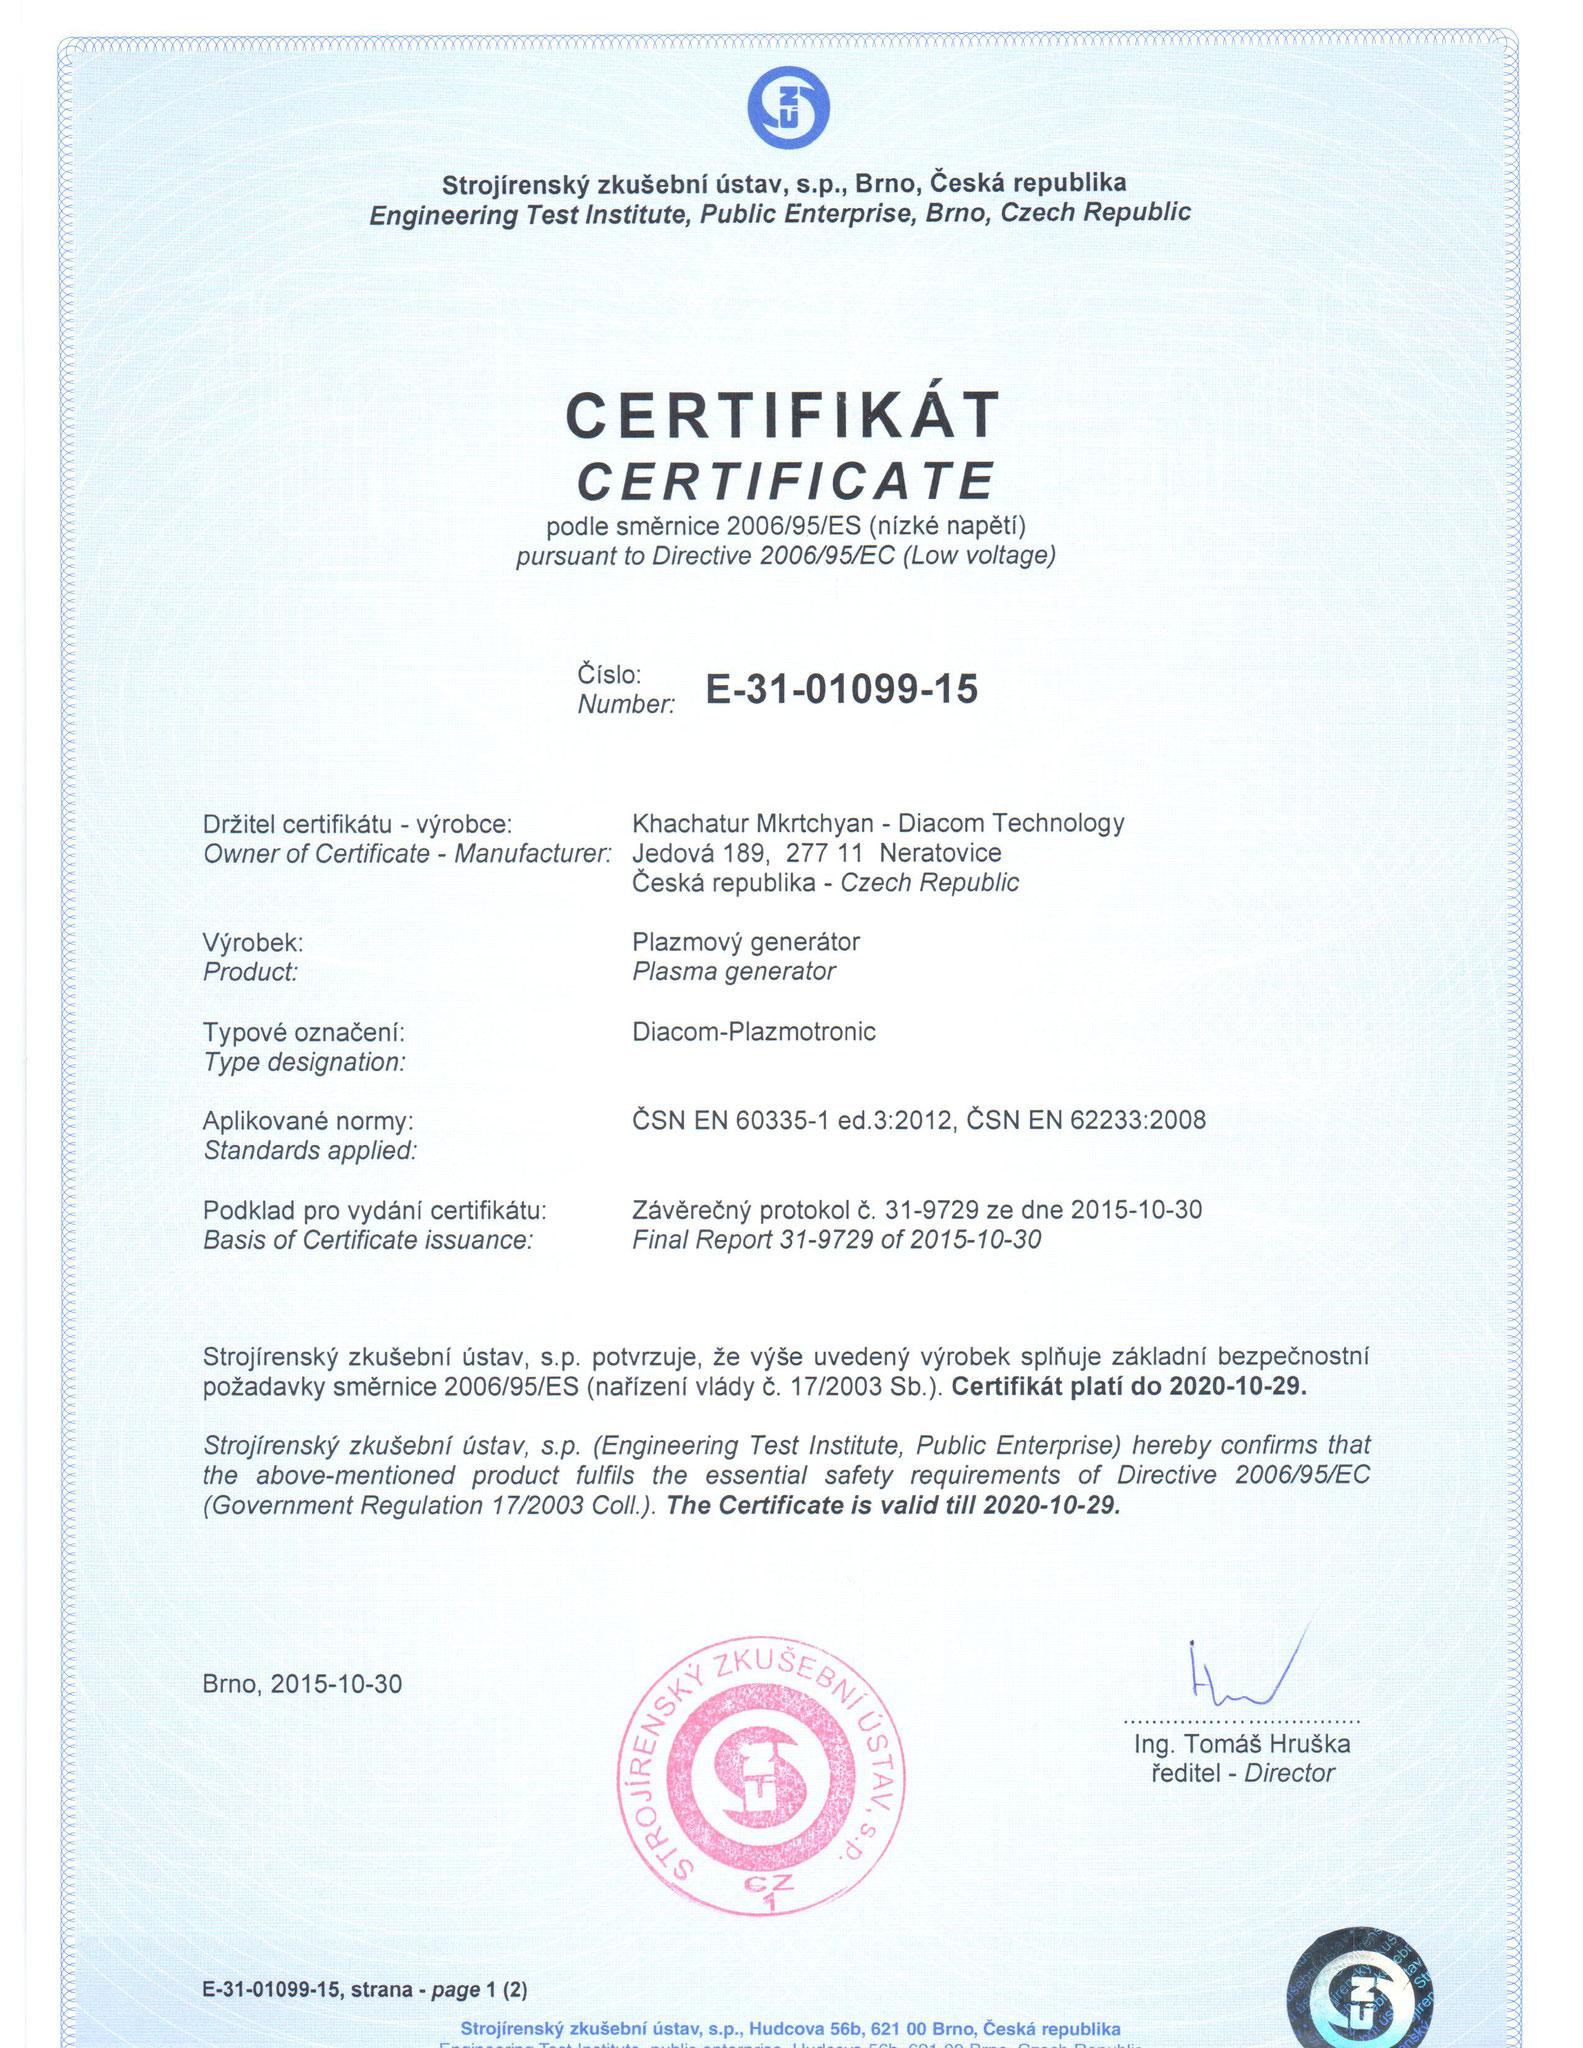 Certyfikat Europejski CE  Generatora Plazmowego Diacom Plazmotronic